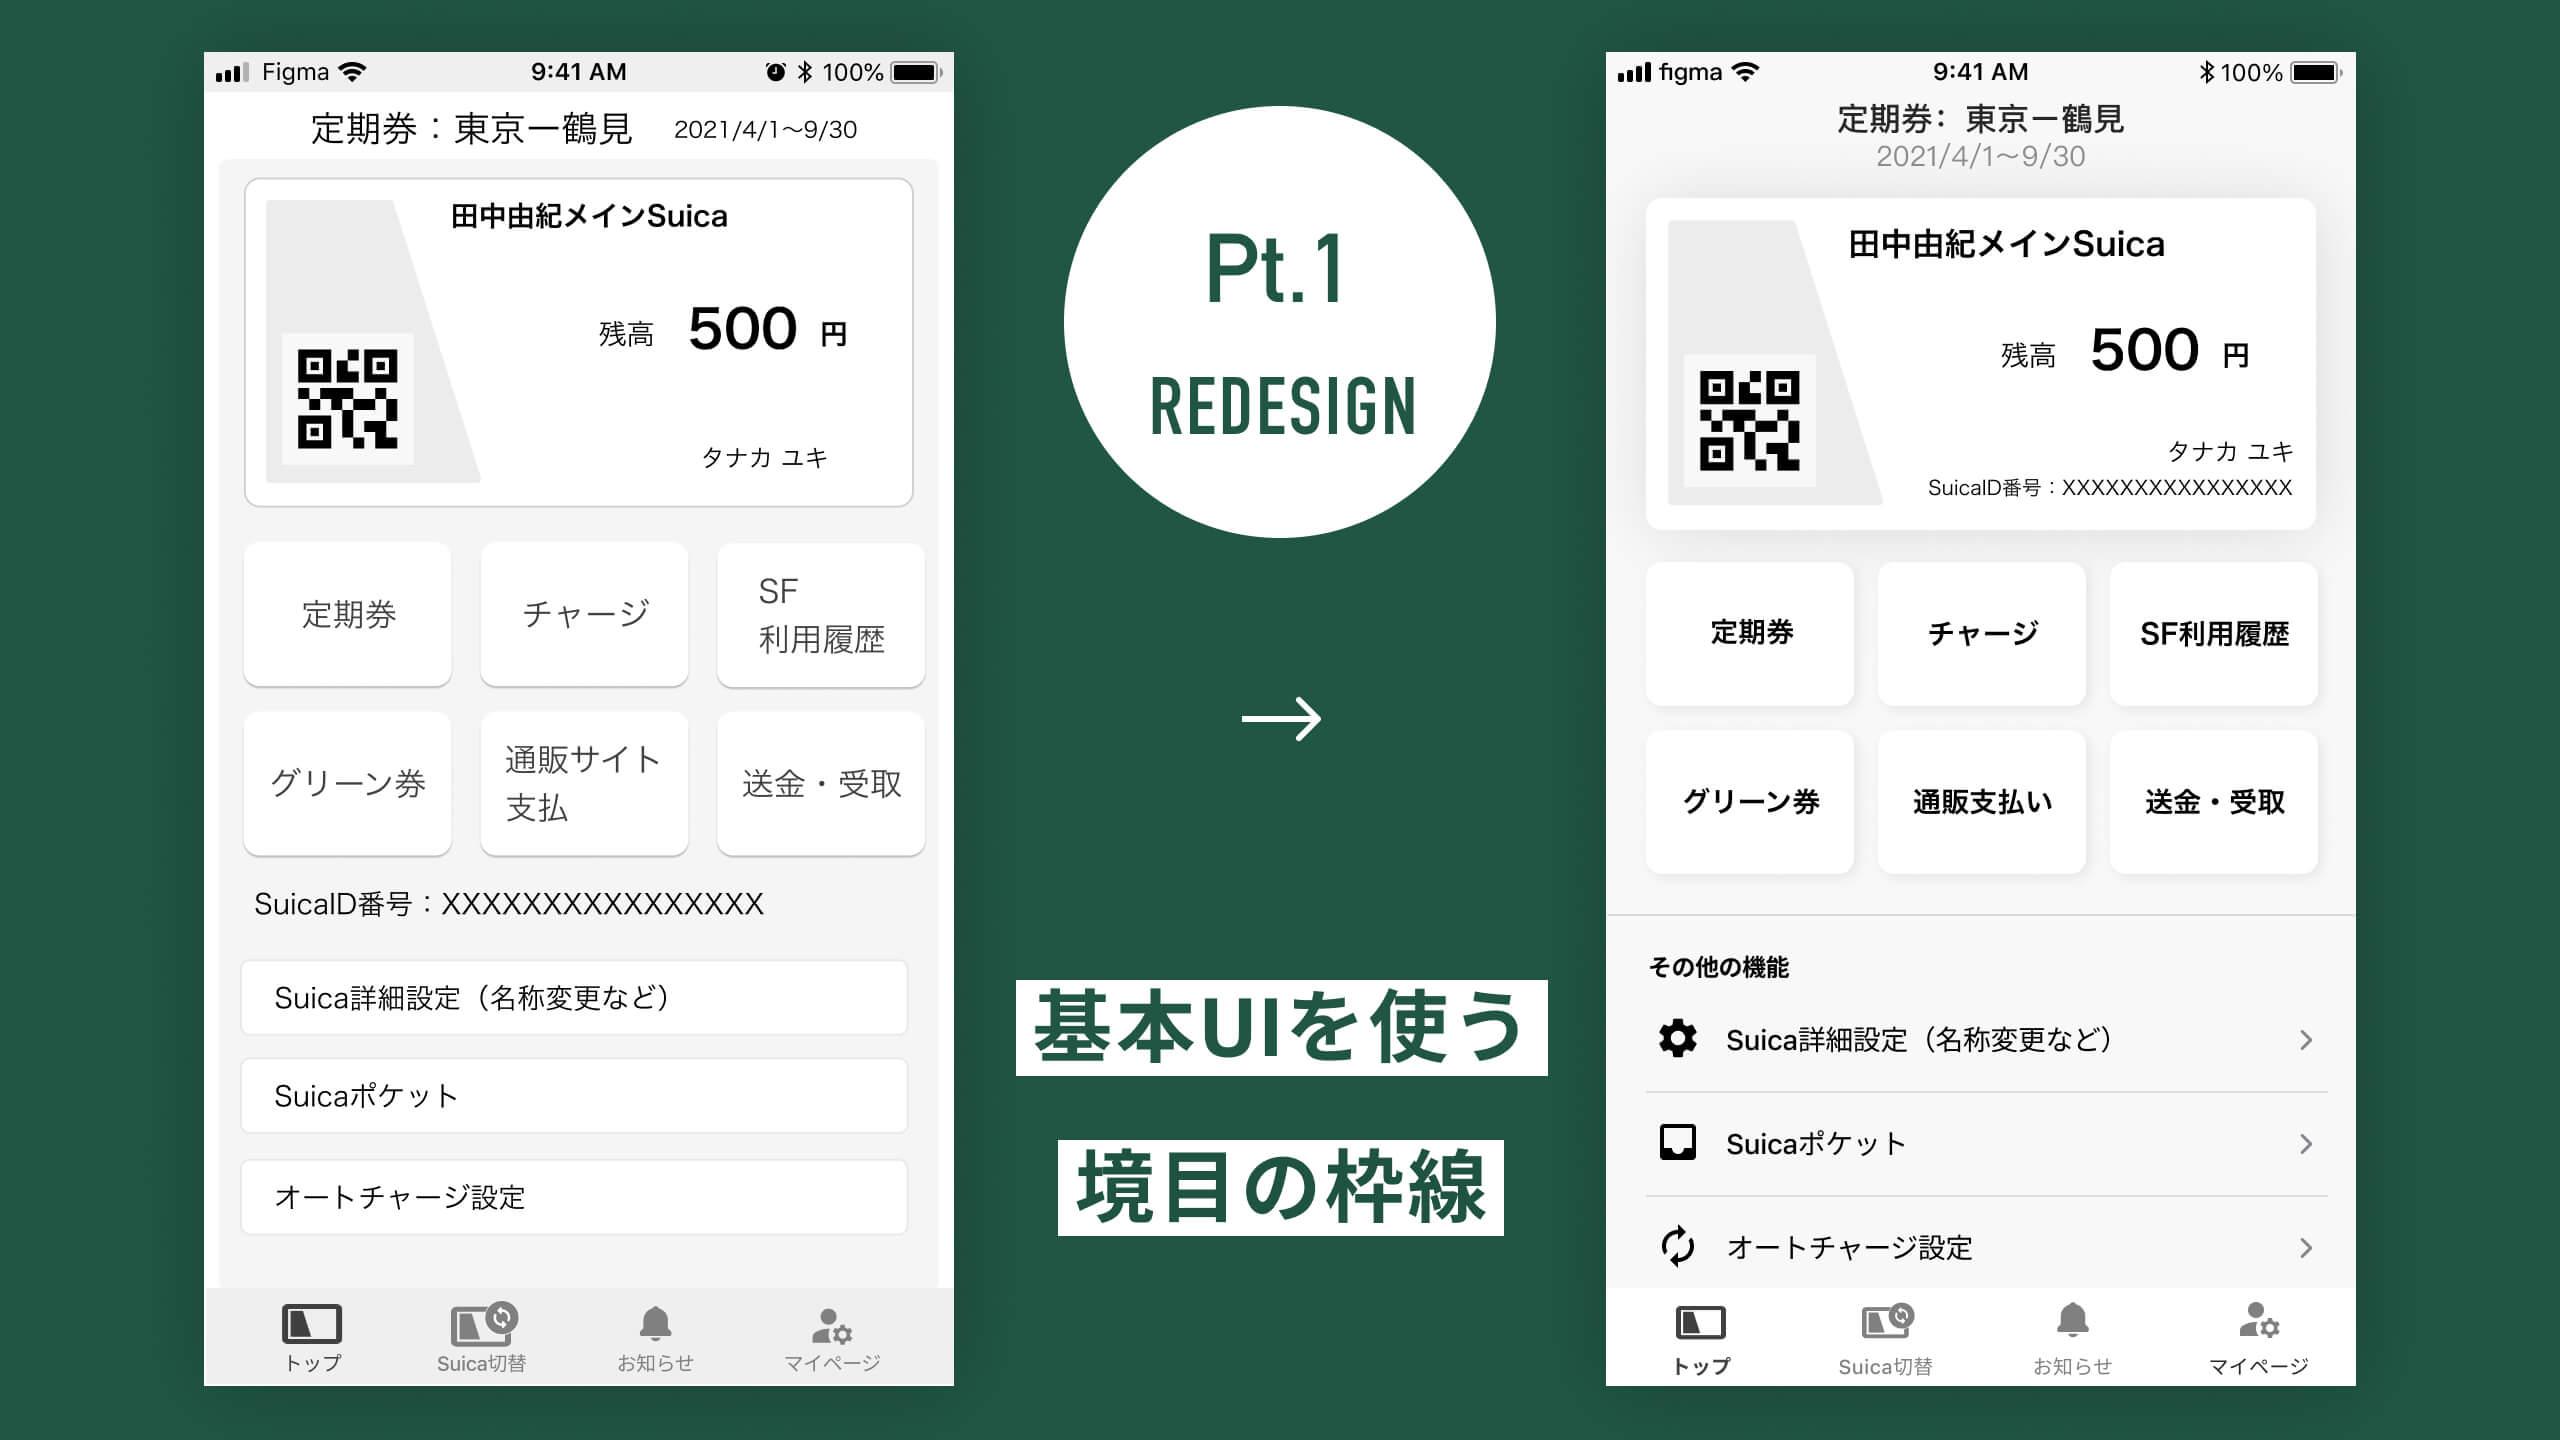 【ライブデザイン】SuicaのリデザインFB - 送金機能を入れたら?part.1